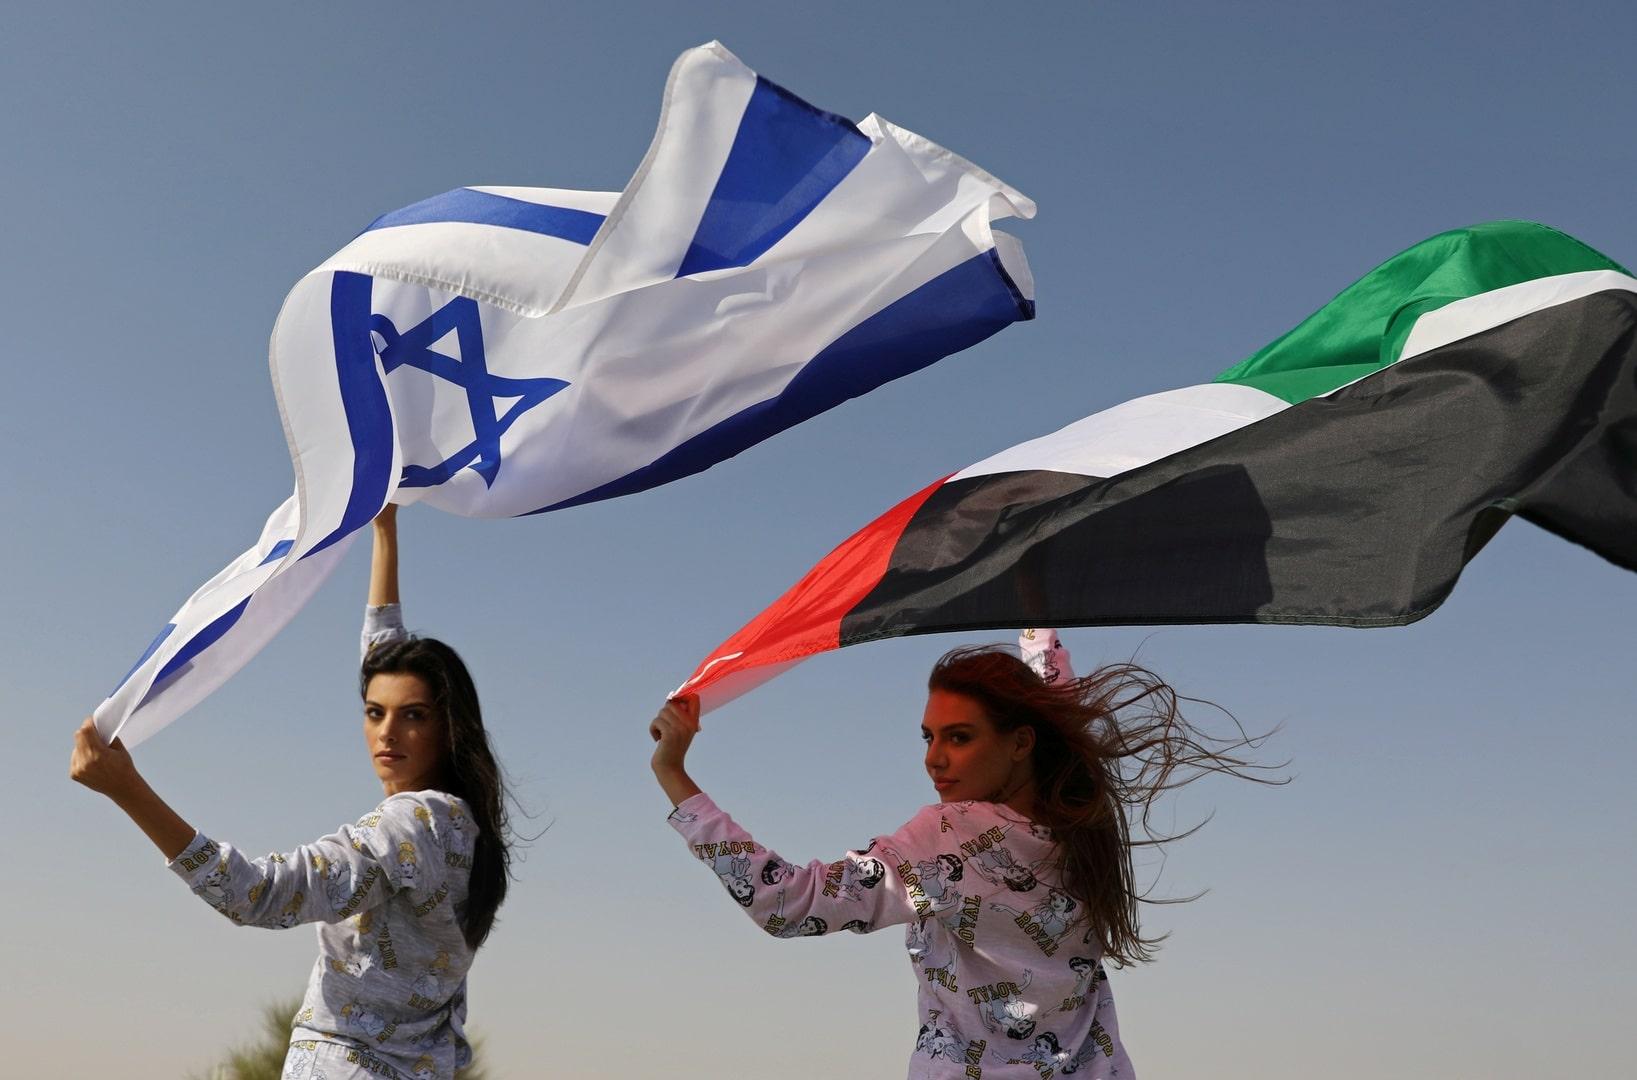 لجنة أمنية بين إسرائيل والإمارات برعاية أمريكية استكمالا للخط الساخن بين تل أبيب وأبوظبي